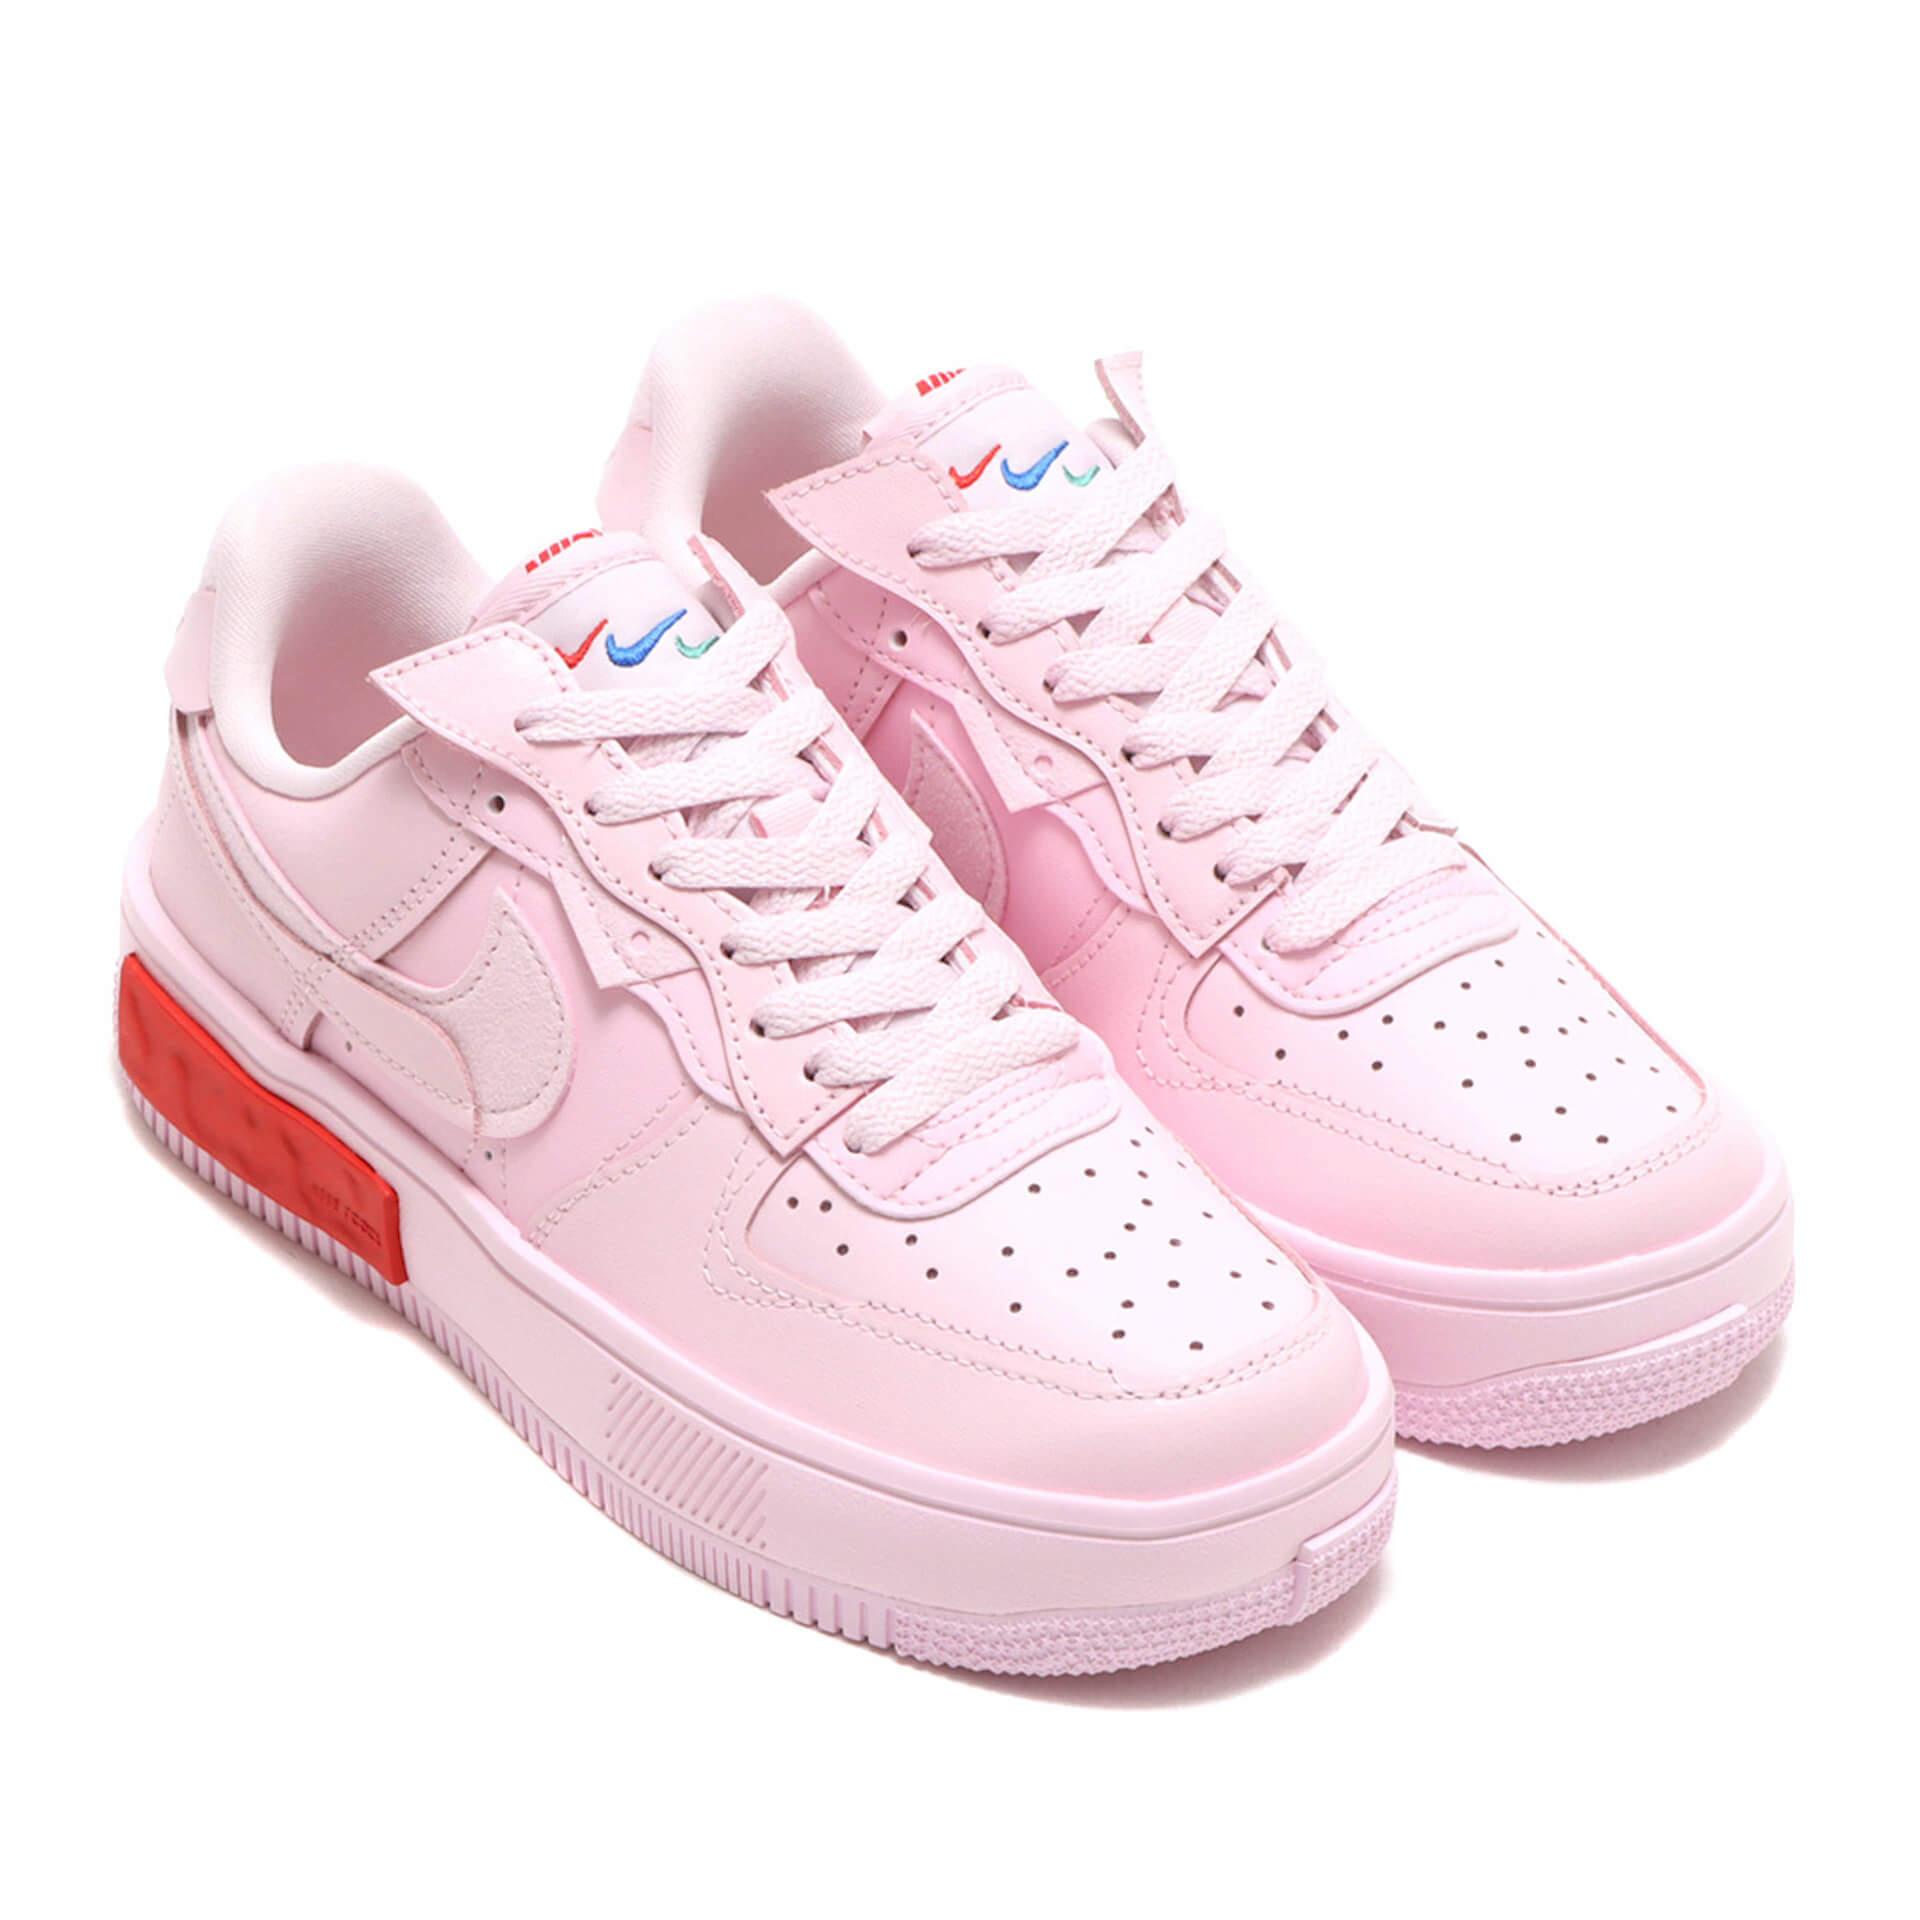 atmos pinkからNIKE W AIR FORCE 1 FONTANKA PINKが限定発売!ちゃんみなのダンスオーディションも開催 fashion_210727_airforce_cyanmina1